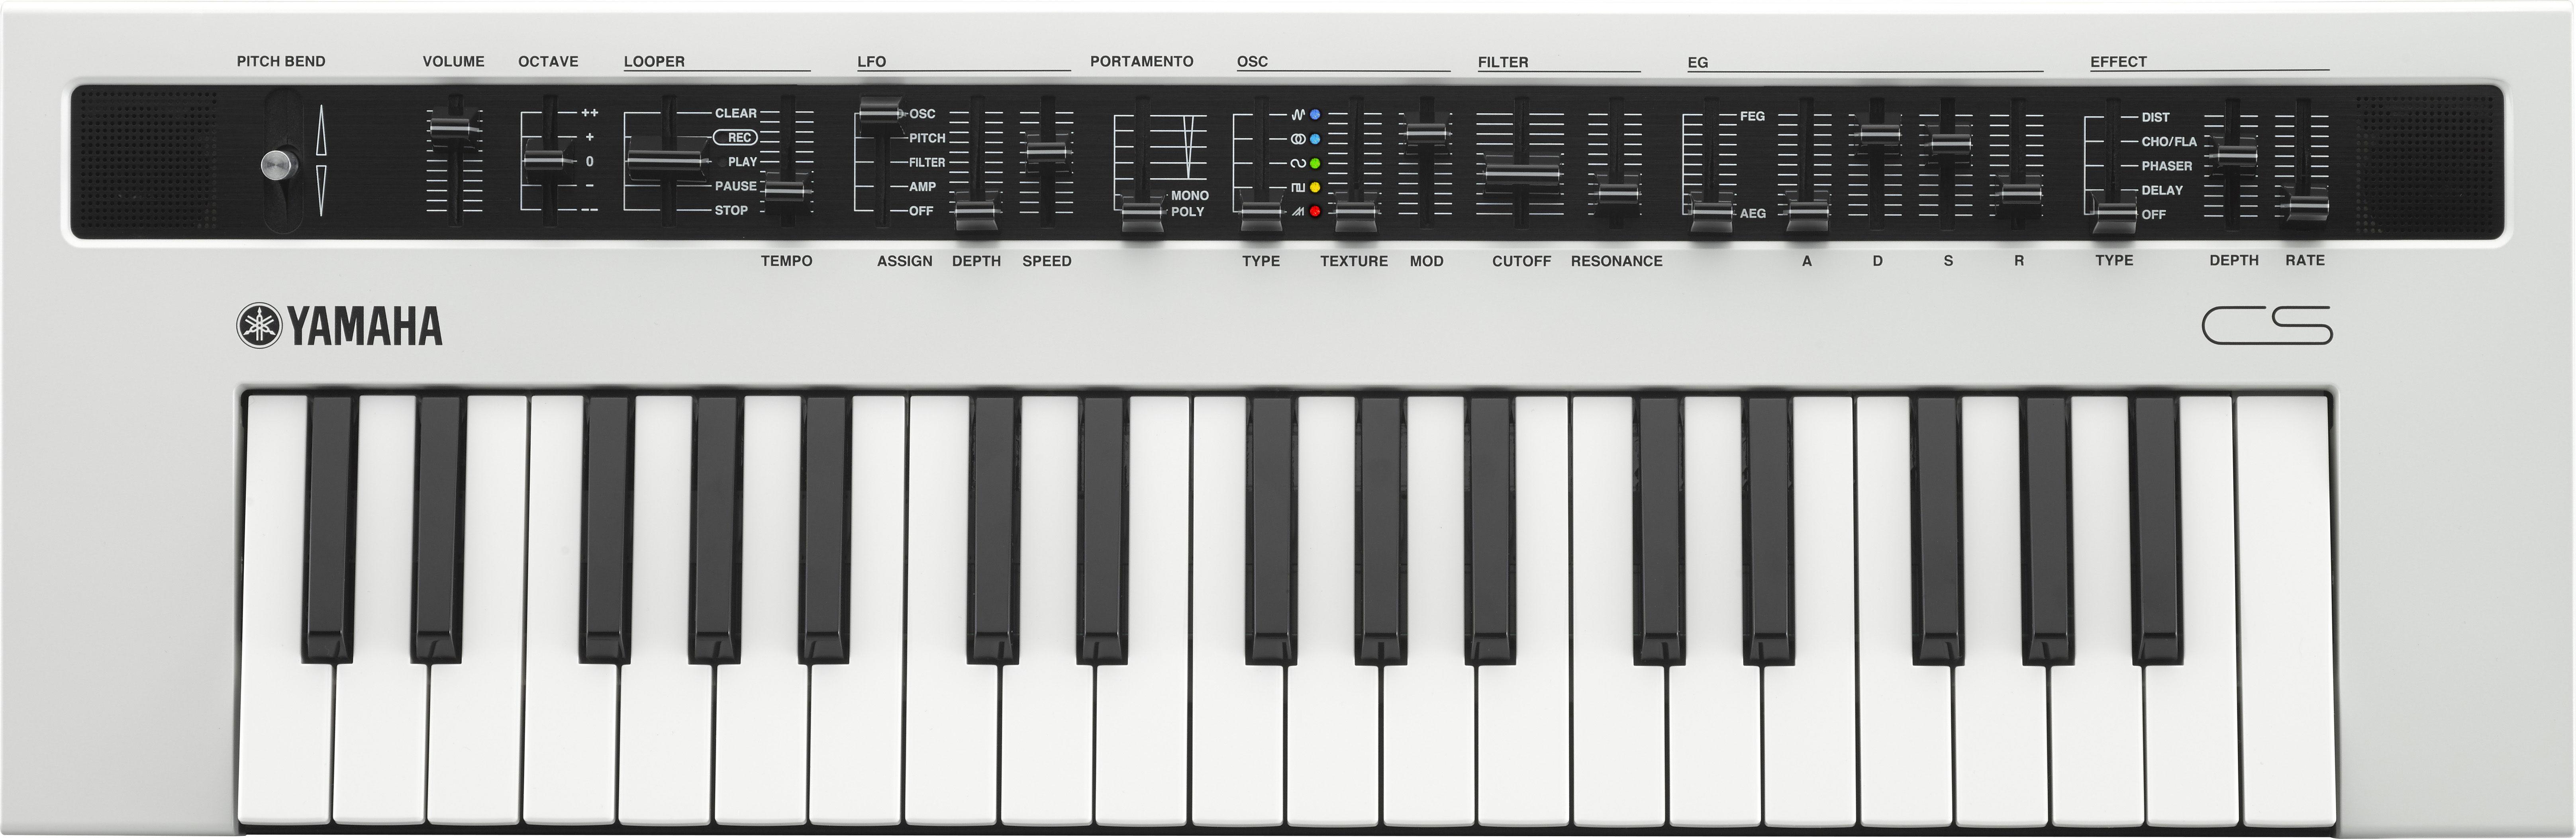 Синтезатор Yamaha Reface CS: фото